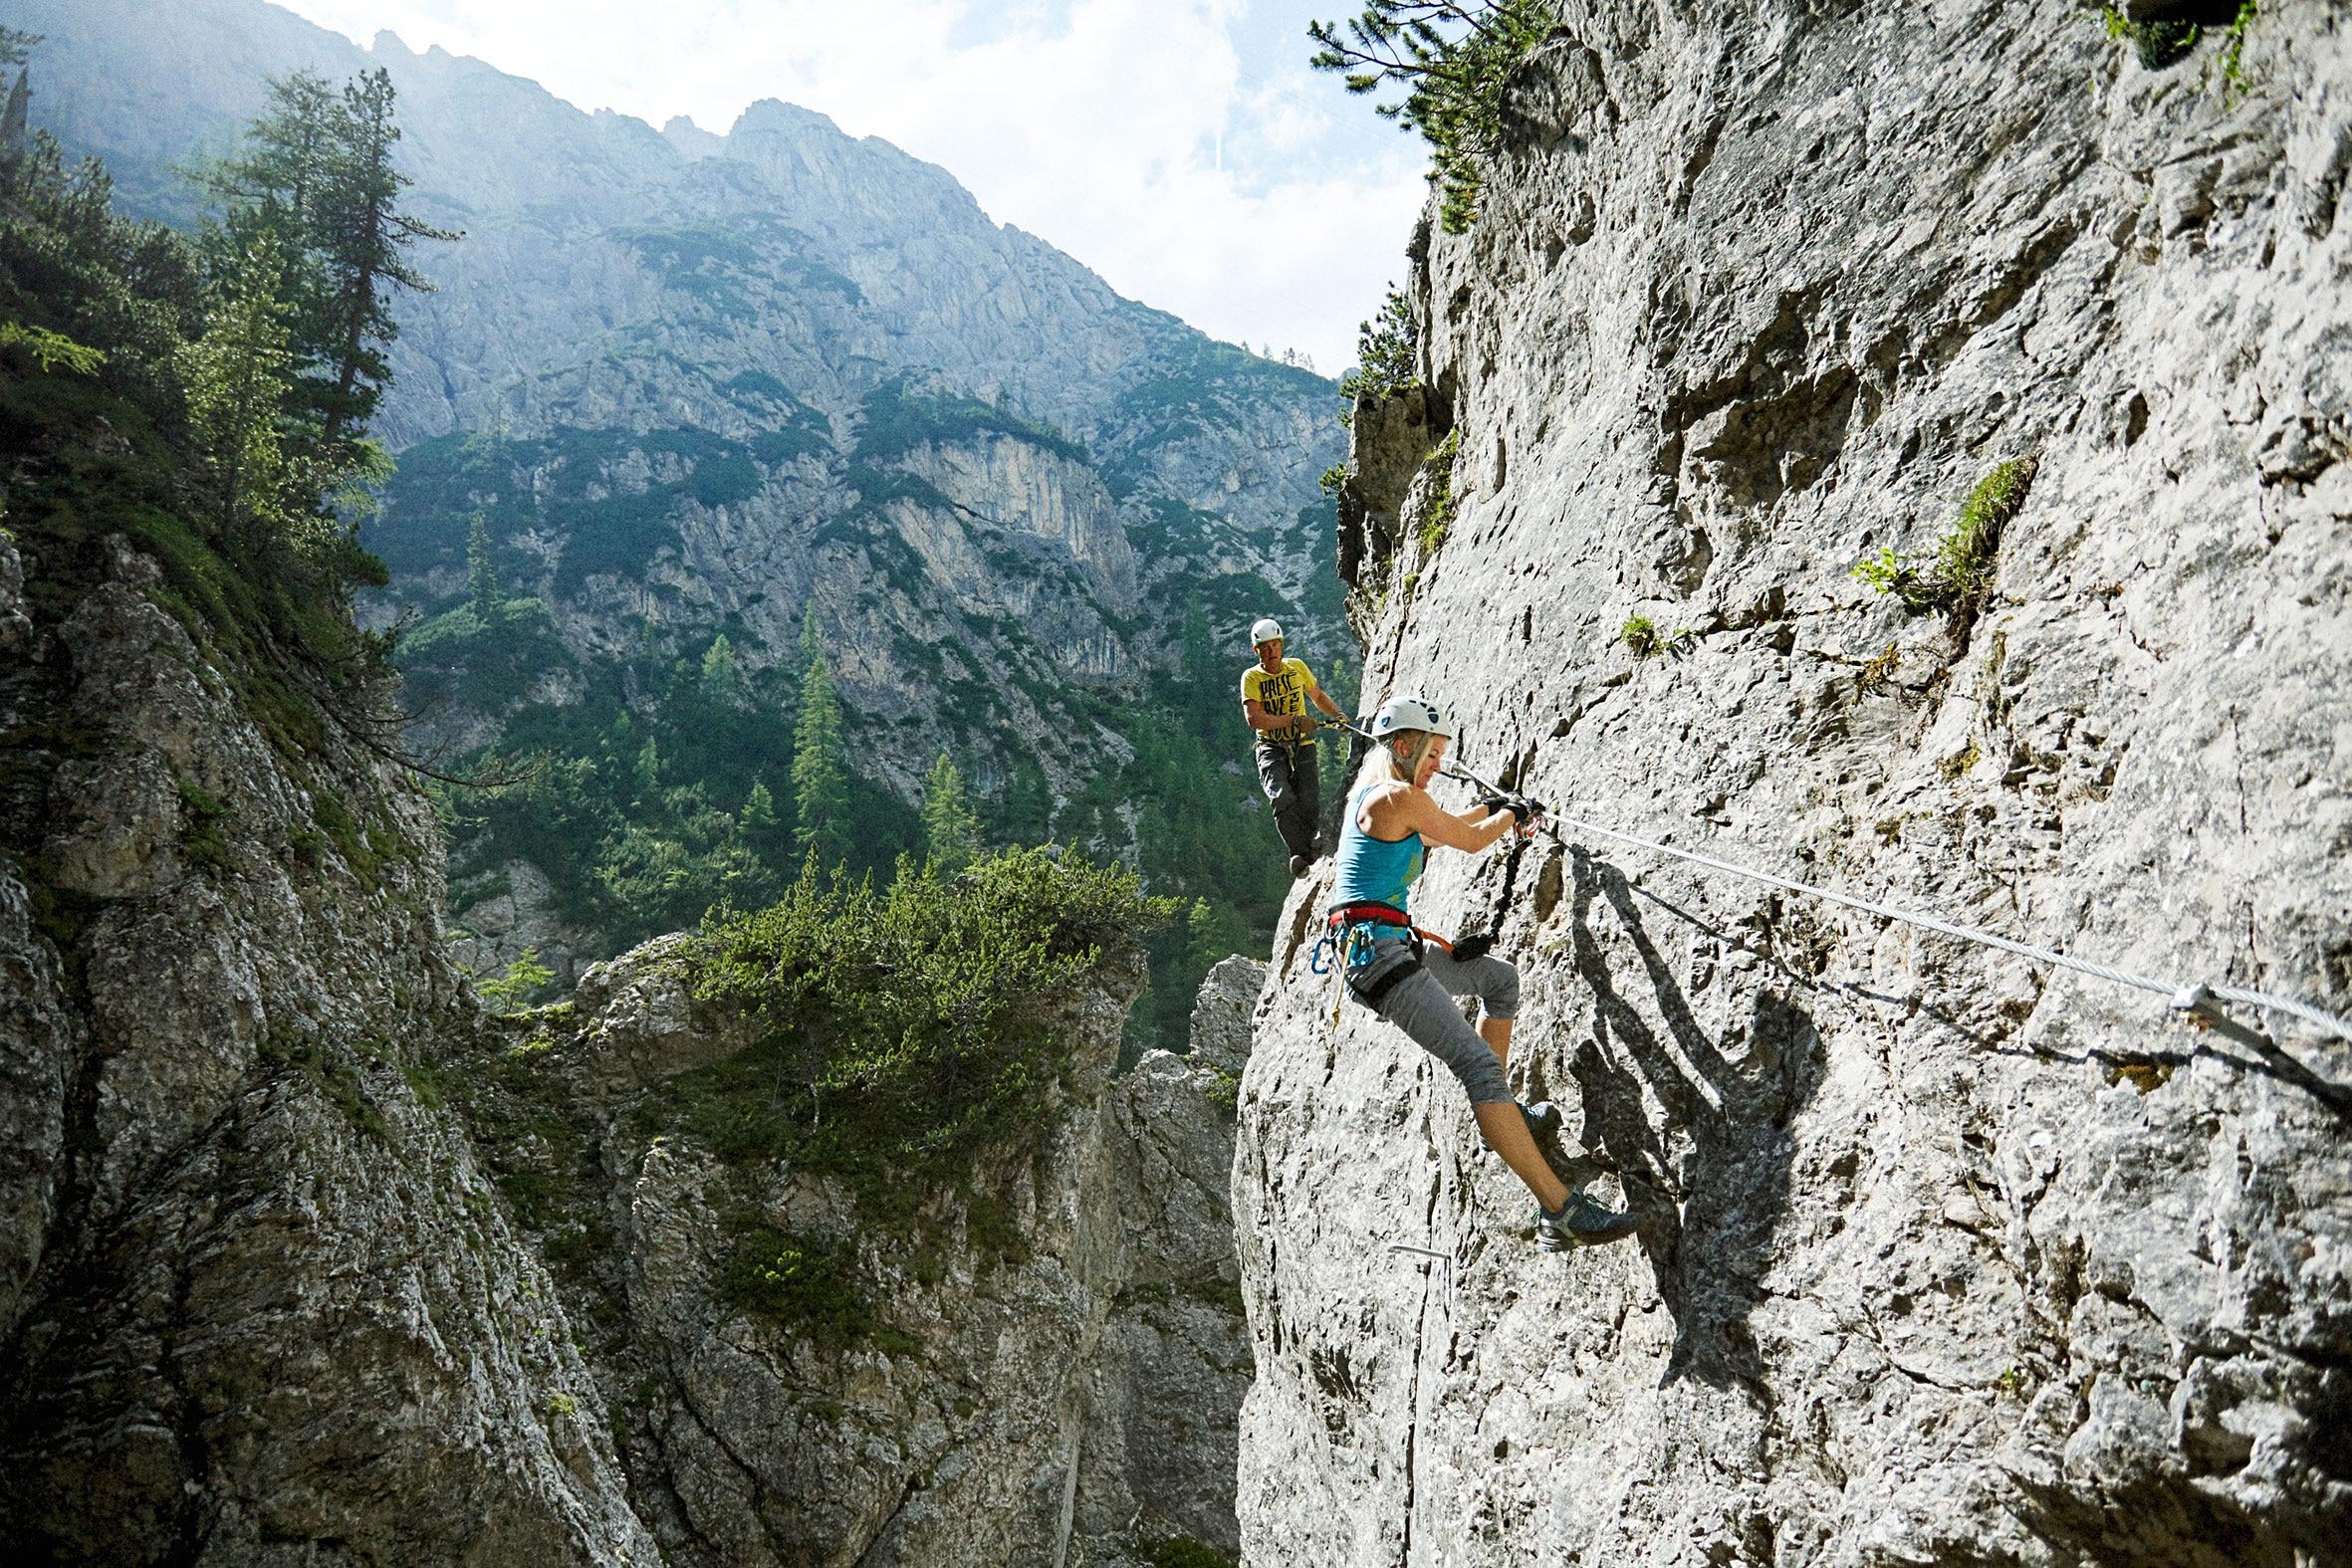 Klettersteig Engstligenalp : Klettersteig luzern brunnistöckli tourismus